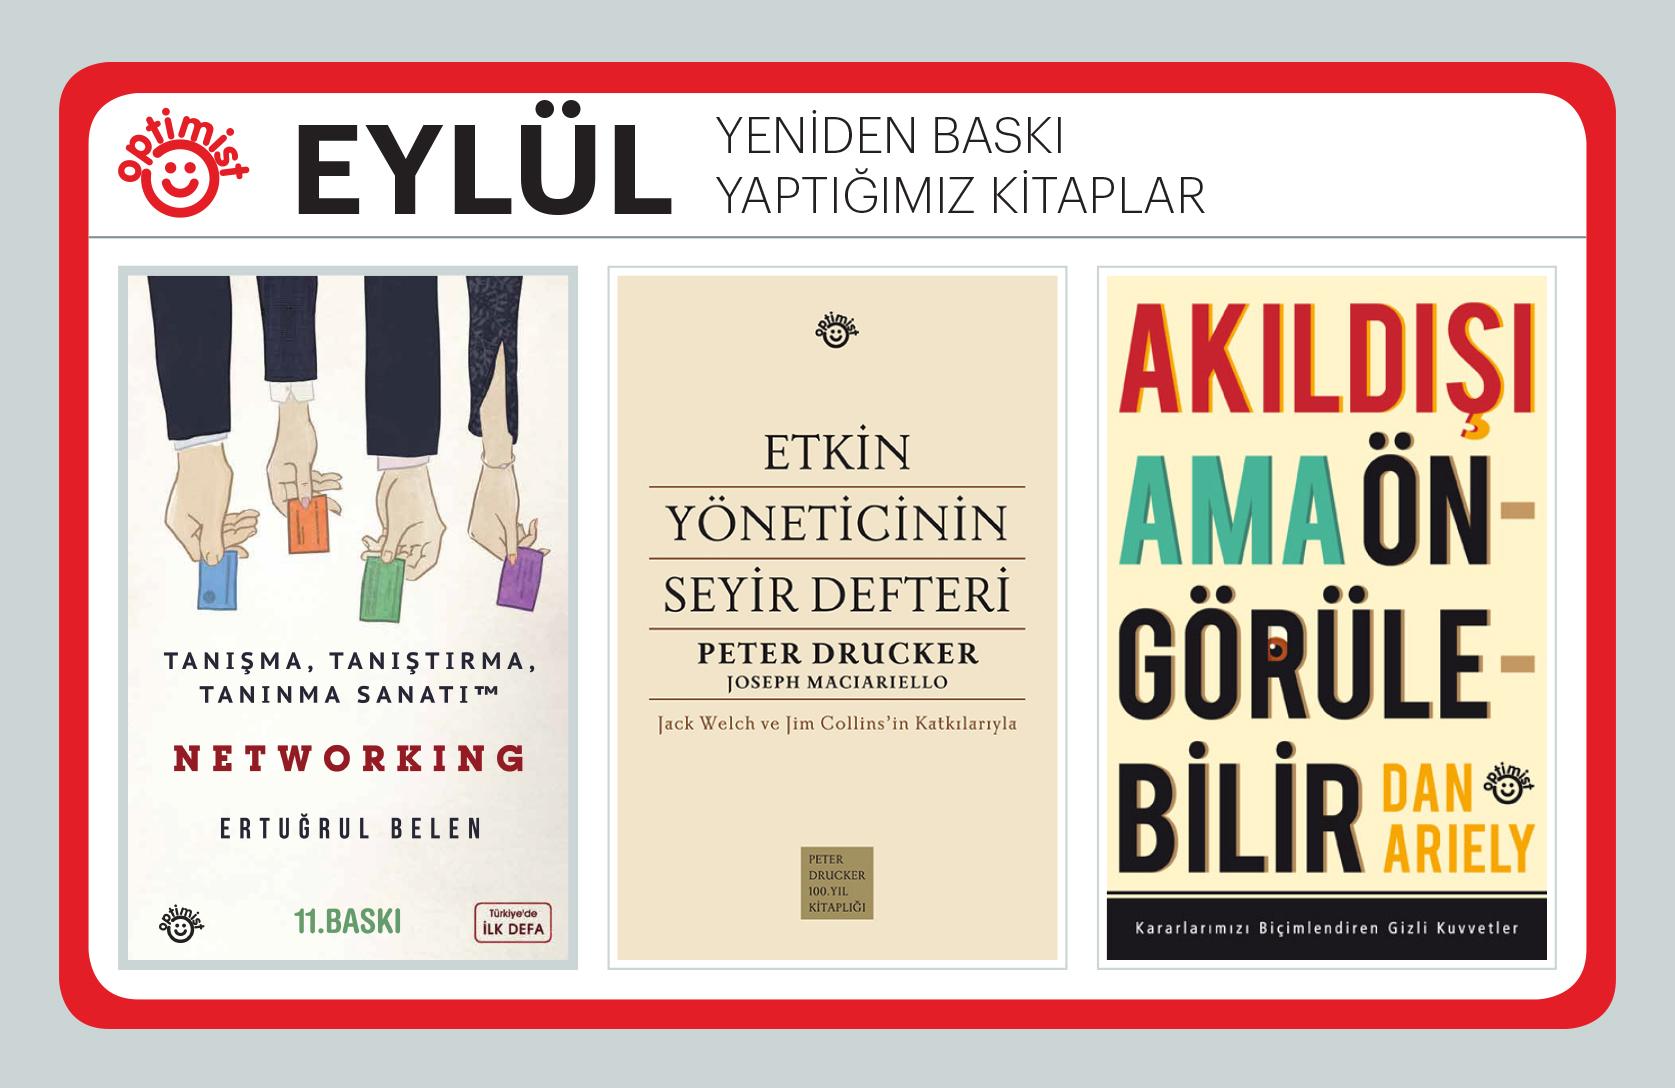 eylul2017_yenidenbaski_kitap_bulteni.jpg